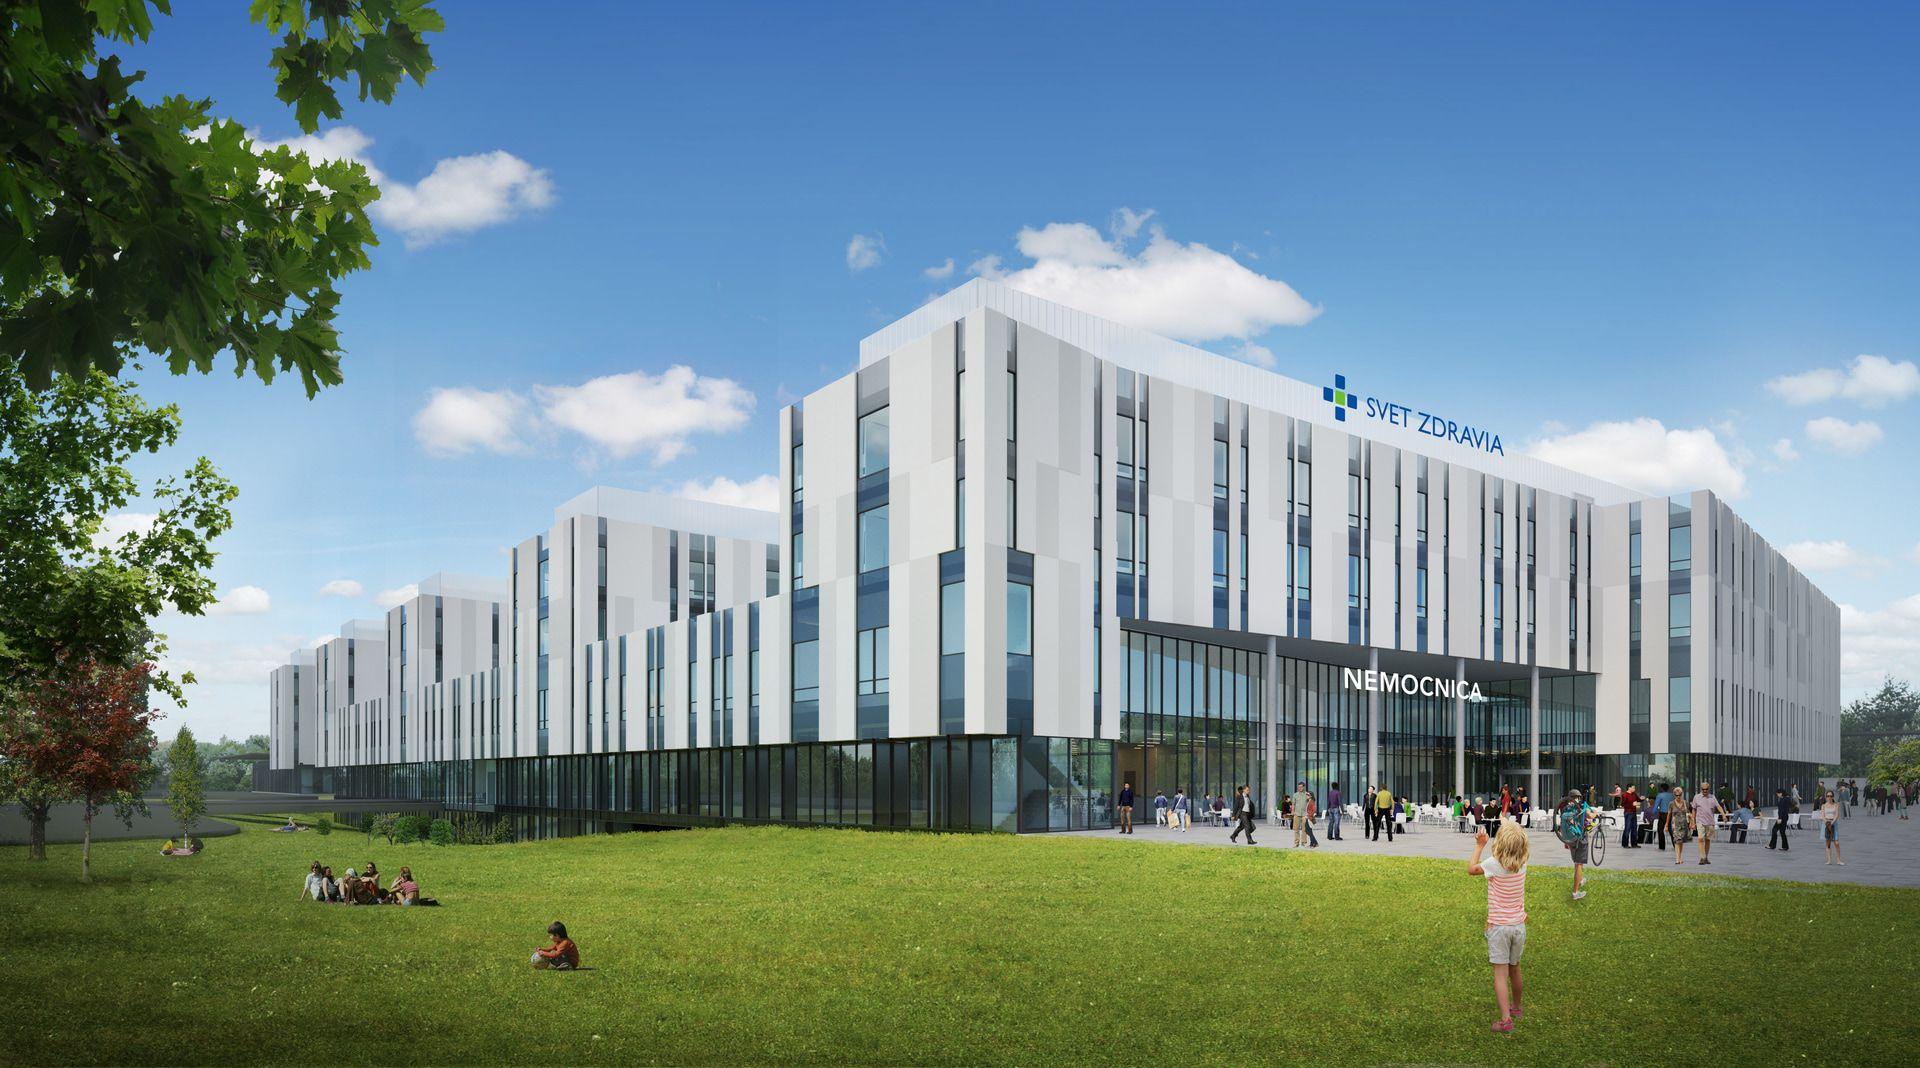 Na Slovensku čoskoro vyrastie nemocnica, o akej sa pacientom mohlo doteraz len snívať. Nepostaví ju štát, ale súkromný investor, spoločnosť Svet zdravia, ktorá patrí pod skupinu Penta. Investor sľubuje, že nové zariadenie bude pre všetkých pacientov bez rozdielu.